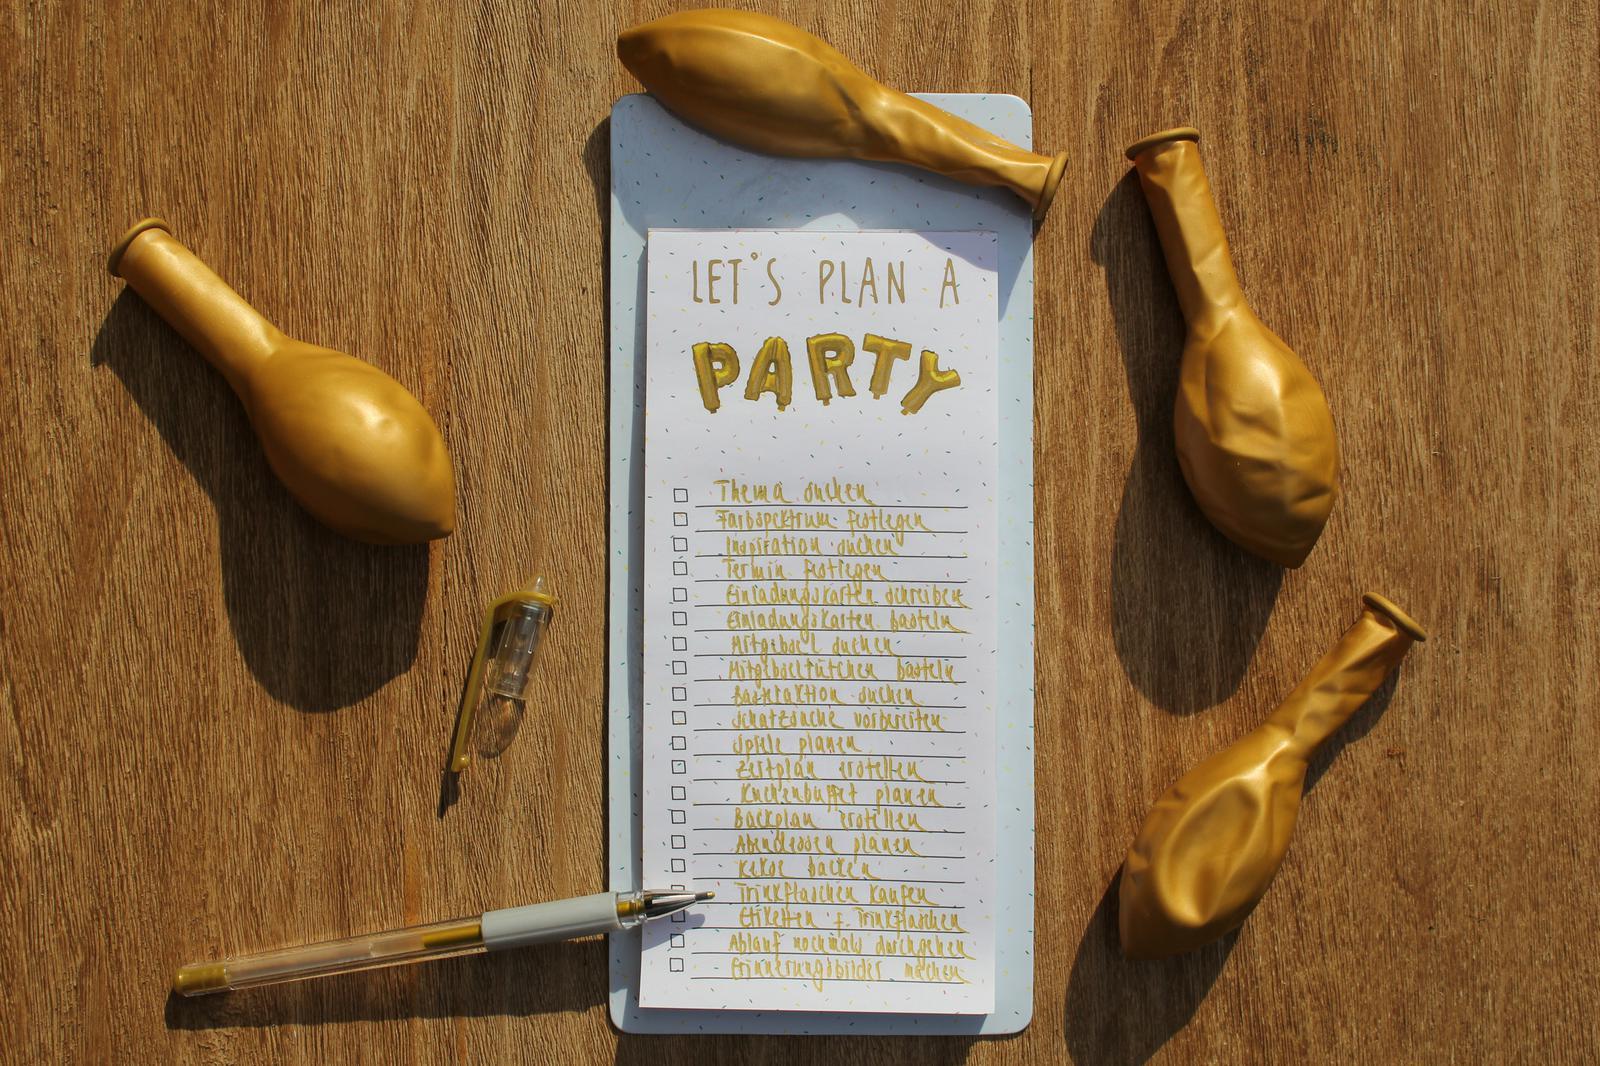 Geburtstagsfeiern planen|Geburtstagsfeiern|Parties planen|Geburtstagsparty|Kindergeburtstag planen|Kindergeburtstag|Teenieparty|Mottoparty|Mottogeburtstag|Themenparty|Themengeburtstag